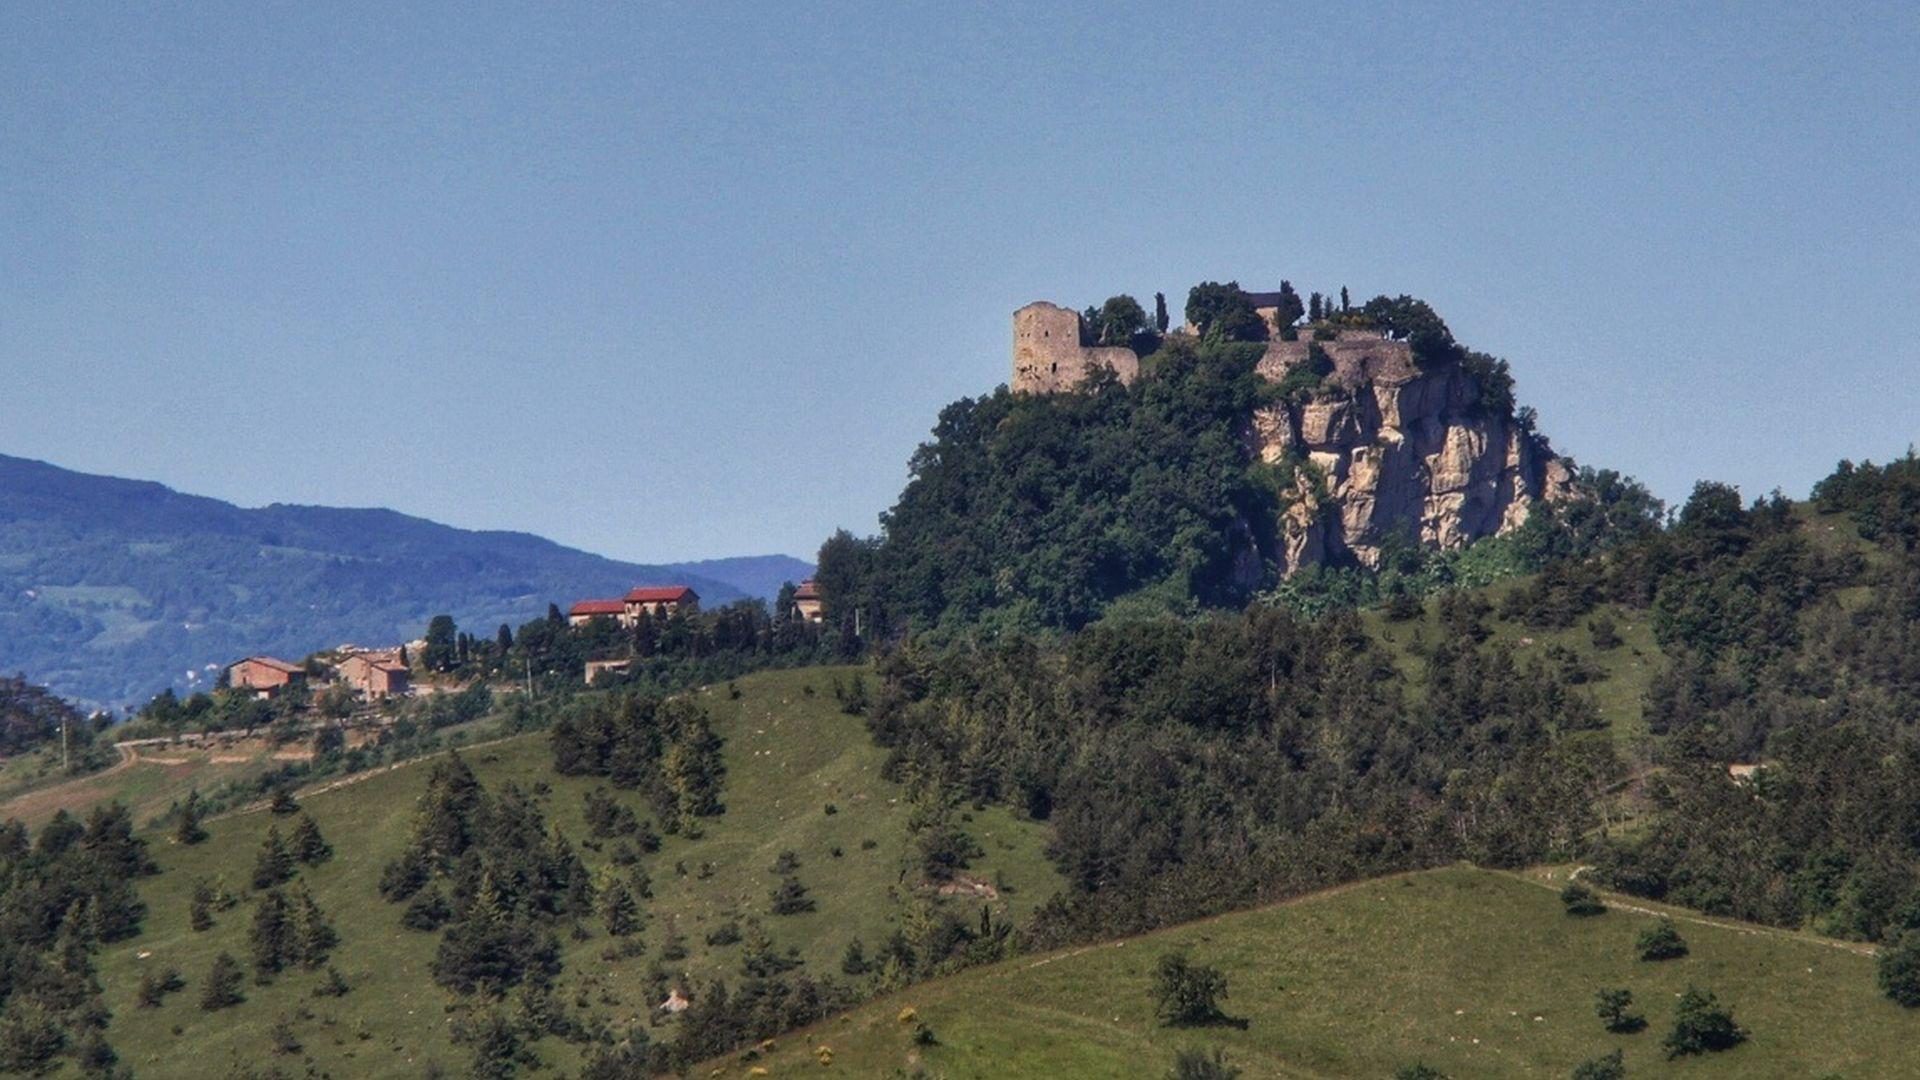 The Canossa castle